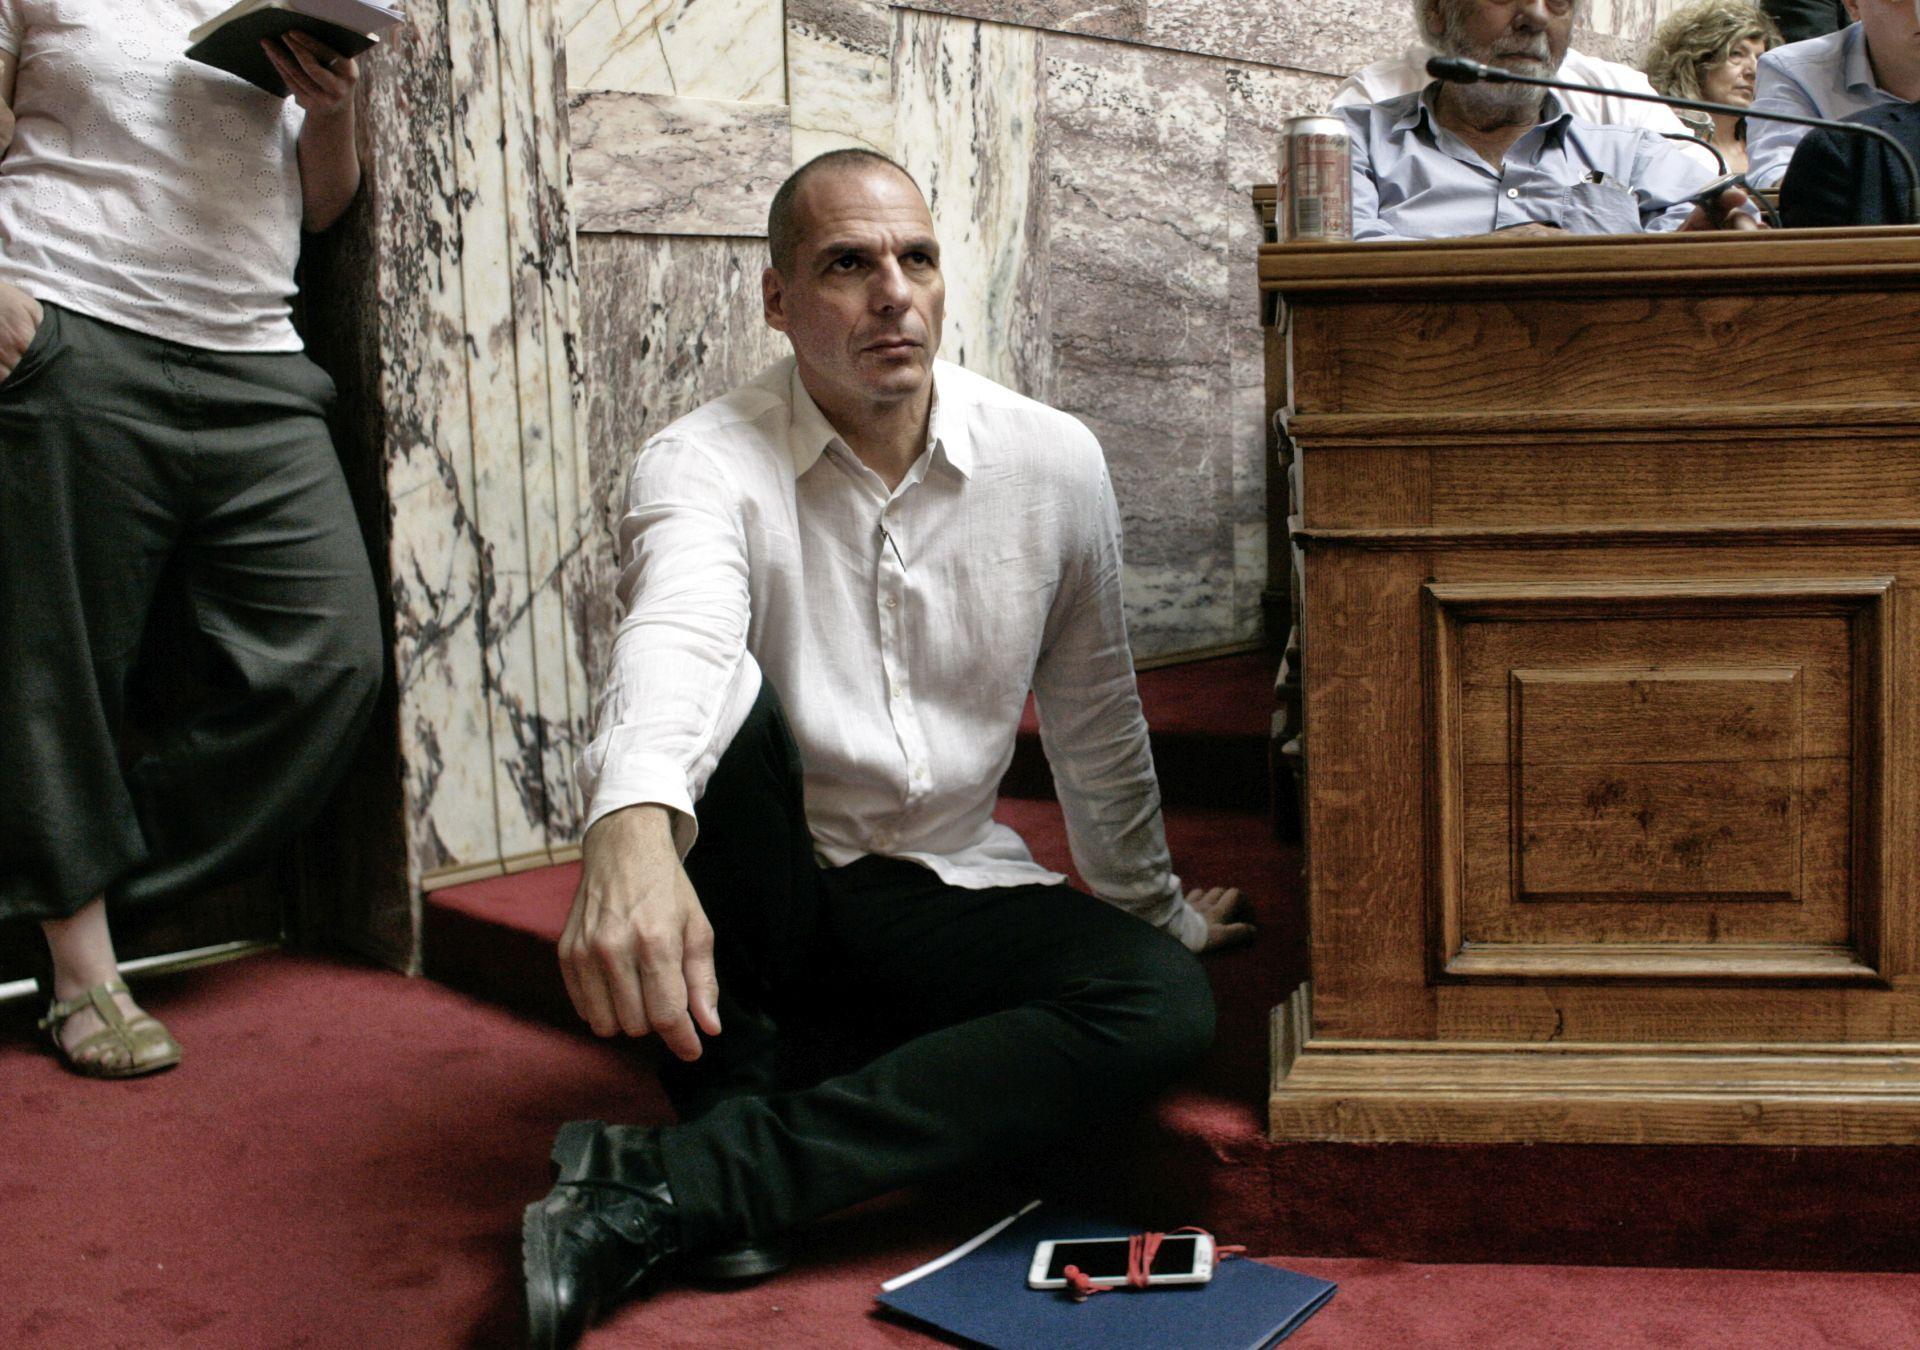 BIVŠI MINISTAR FINANCIJA PREDVIĐA KATASTROFU Varufakis: Gospodarske reforme u Grčkoj će propasti